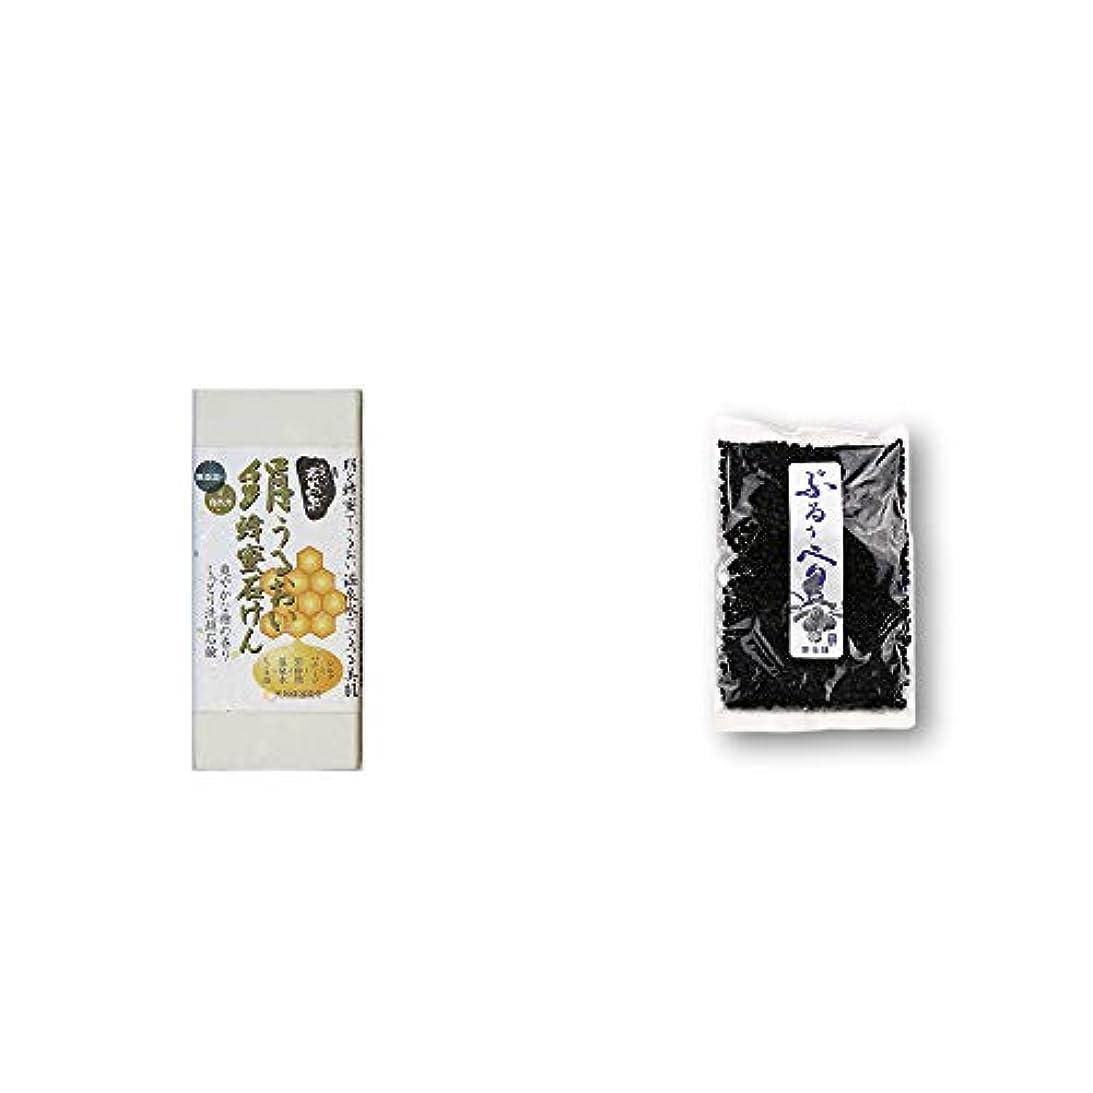 コールボトルネックロードハウス[2点セット] ひのき炭黒泉 絹うるおい蜂蜜石けん(75g×2)?野生種ぶるぅべりぃ(260g)